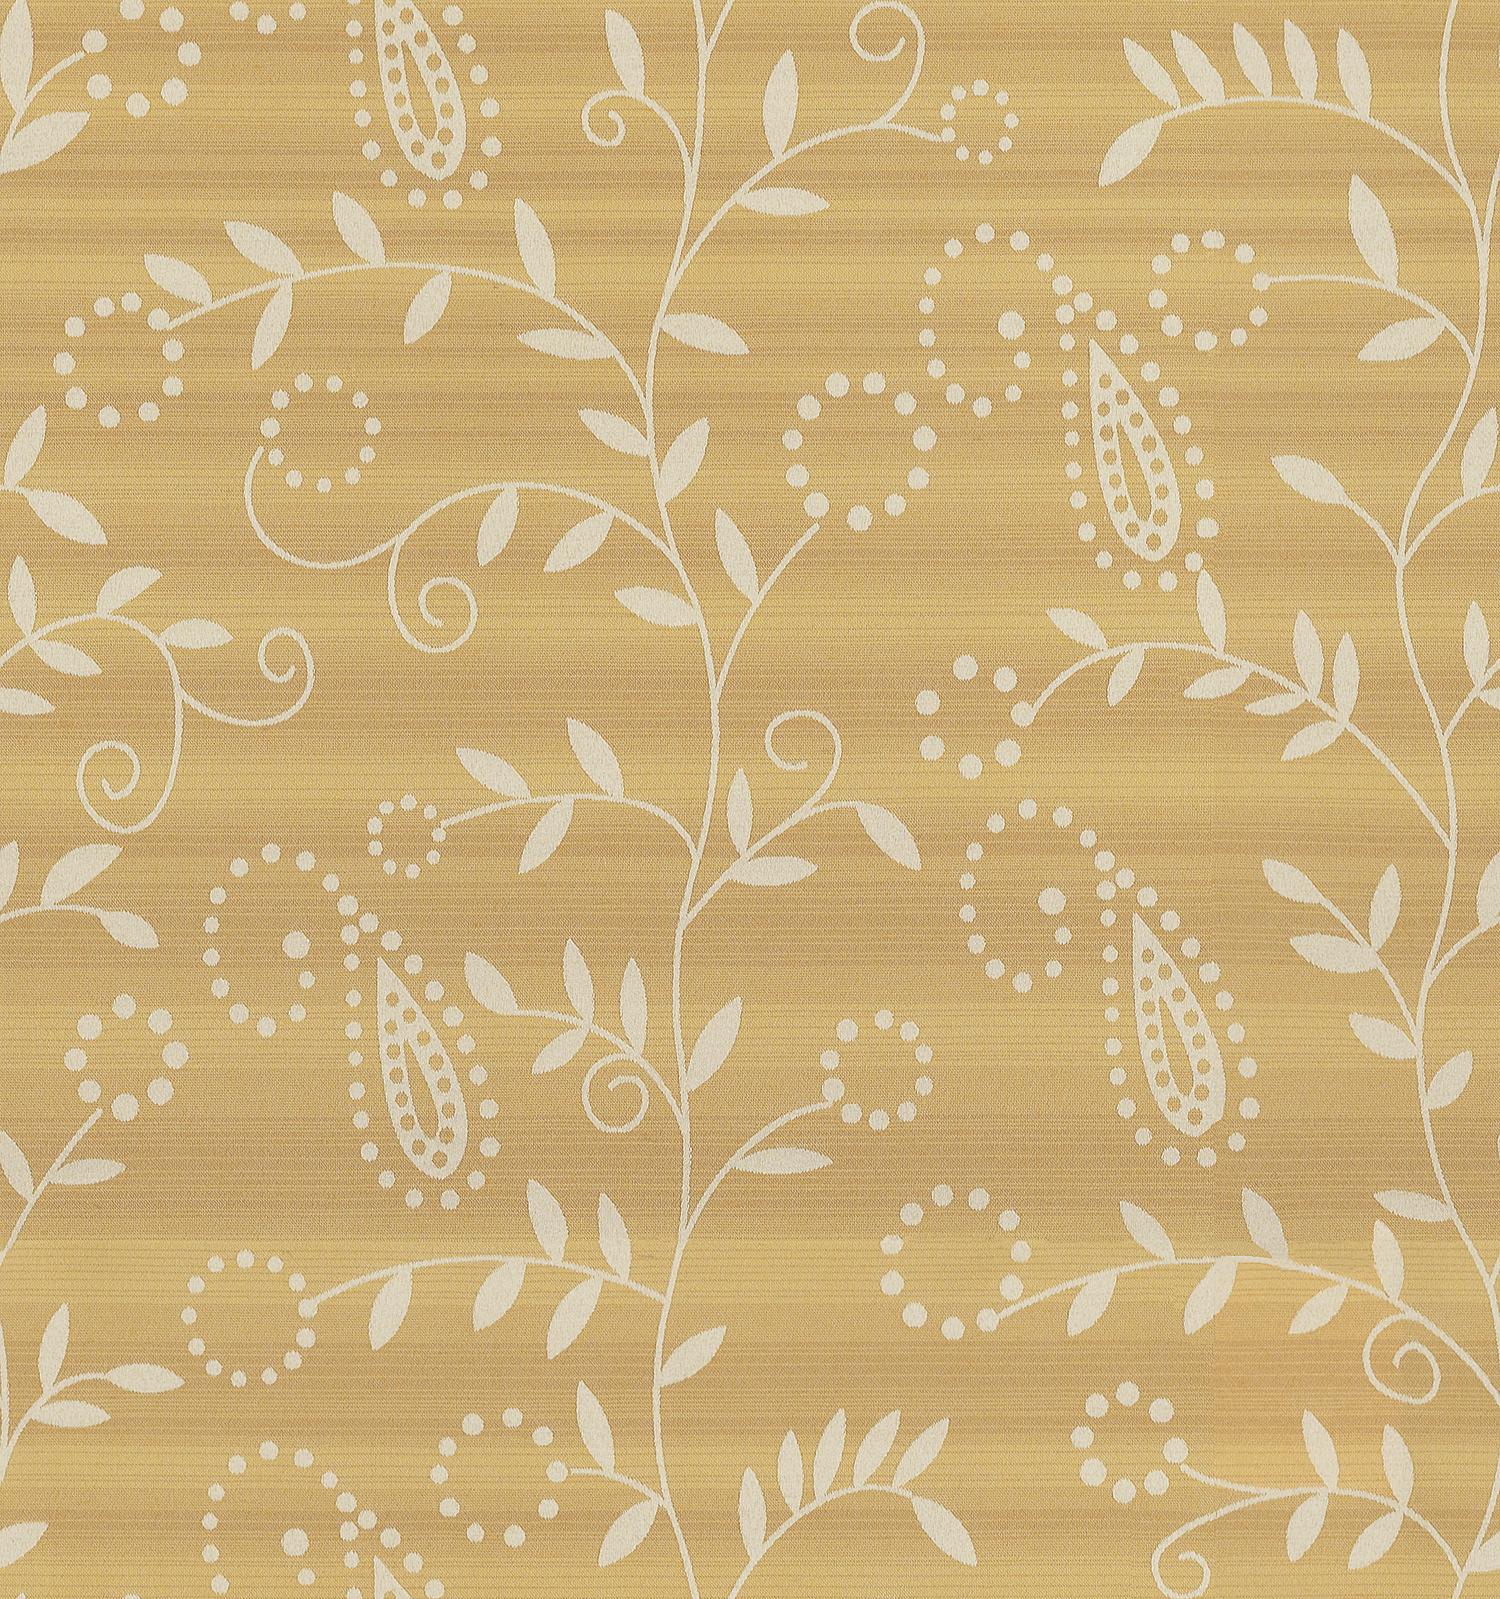 ☀︎☀︎ Garden Marigold